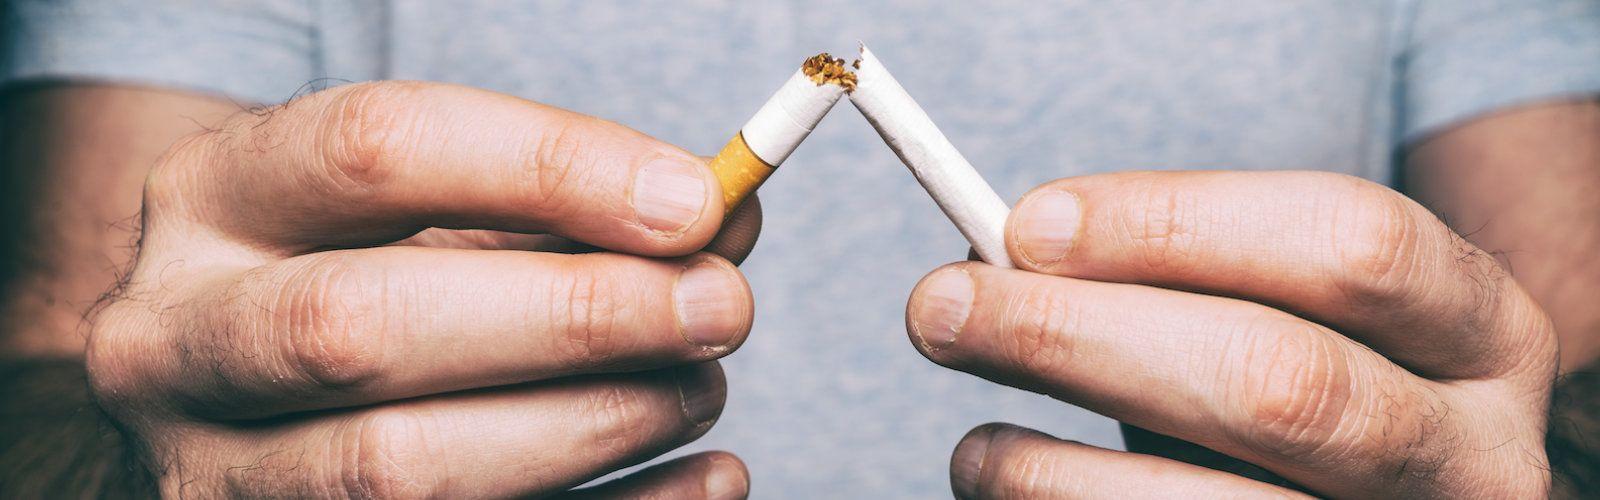 Stop Smoking Therapy